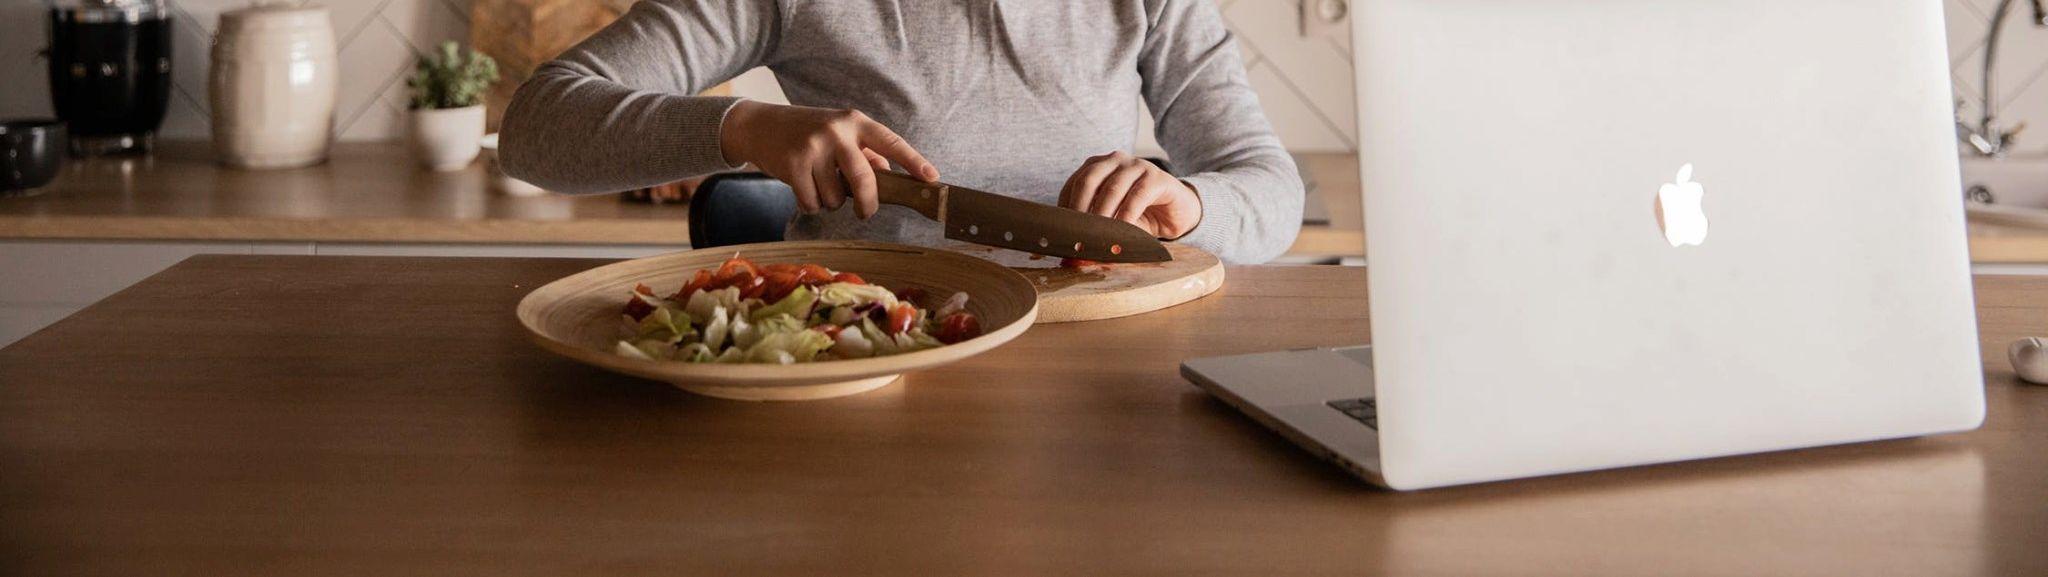 Online kochen? Wie soll das gehen? Einfach mal ausprobieren!